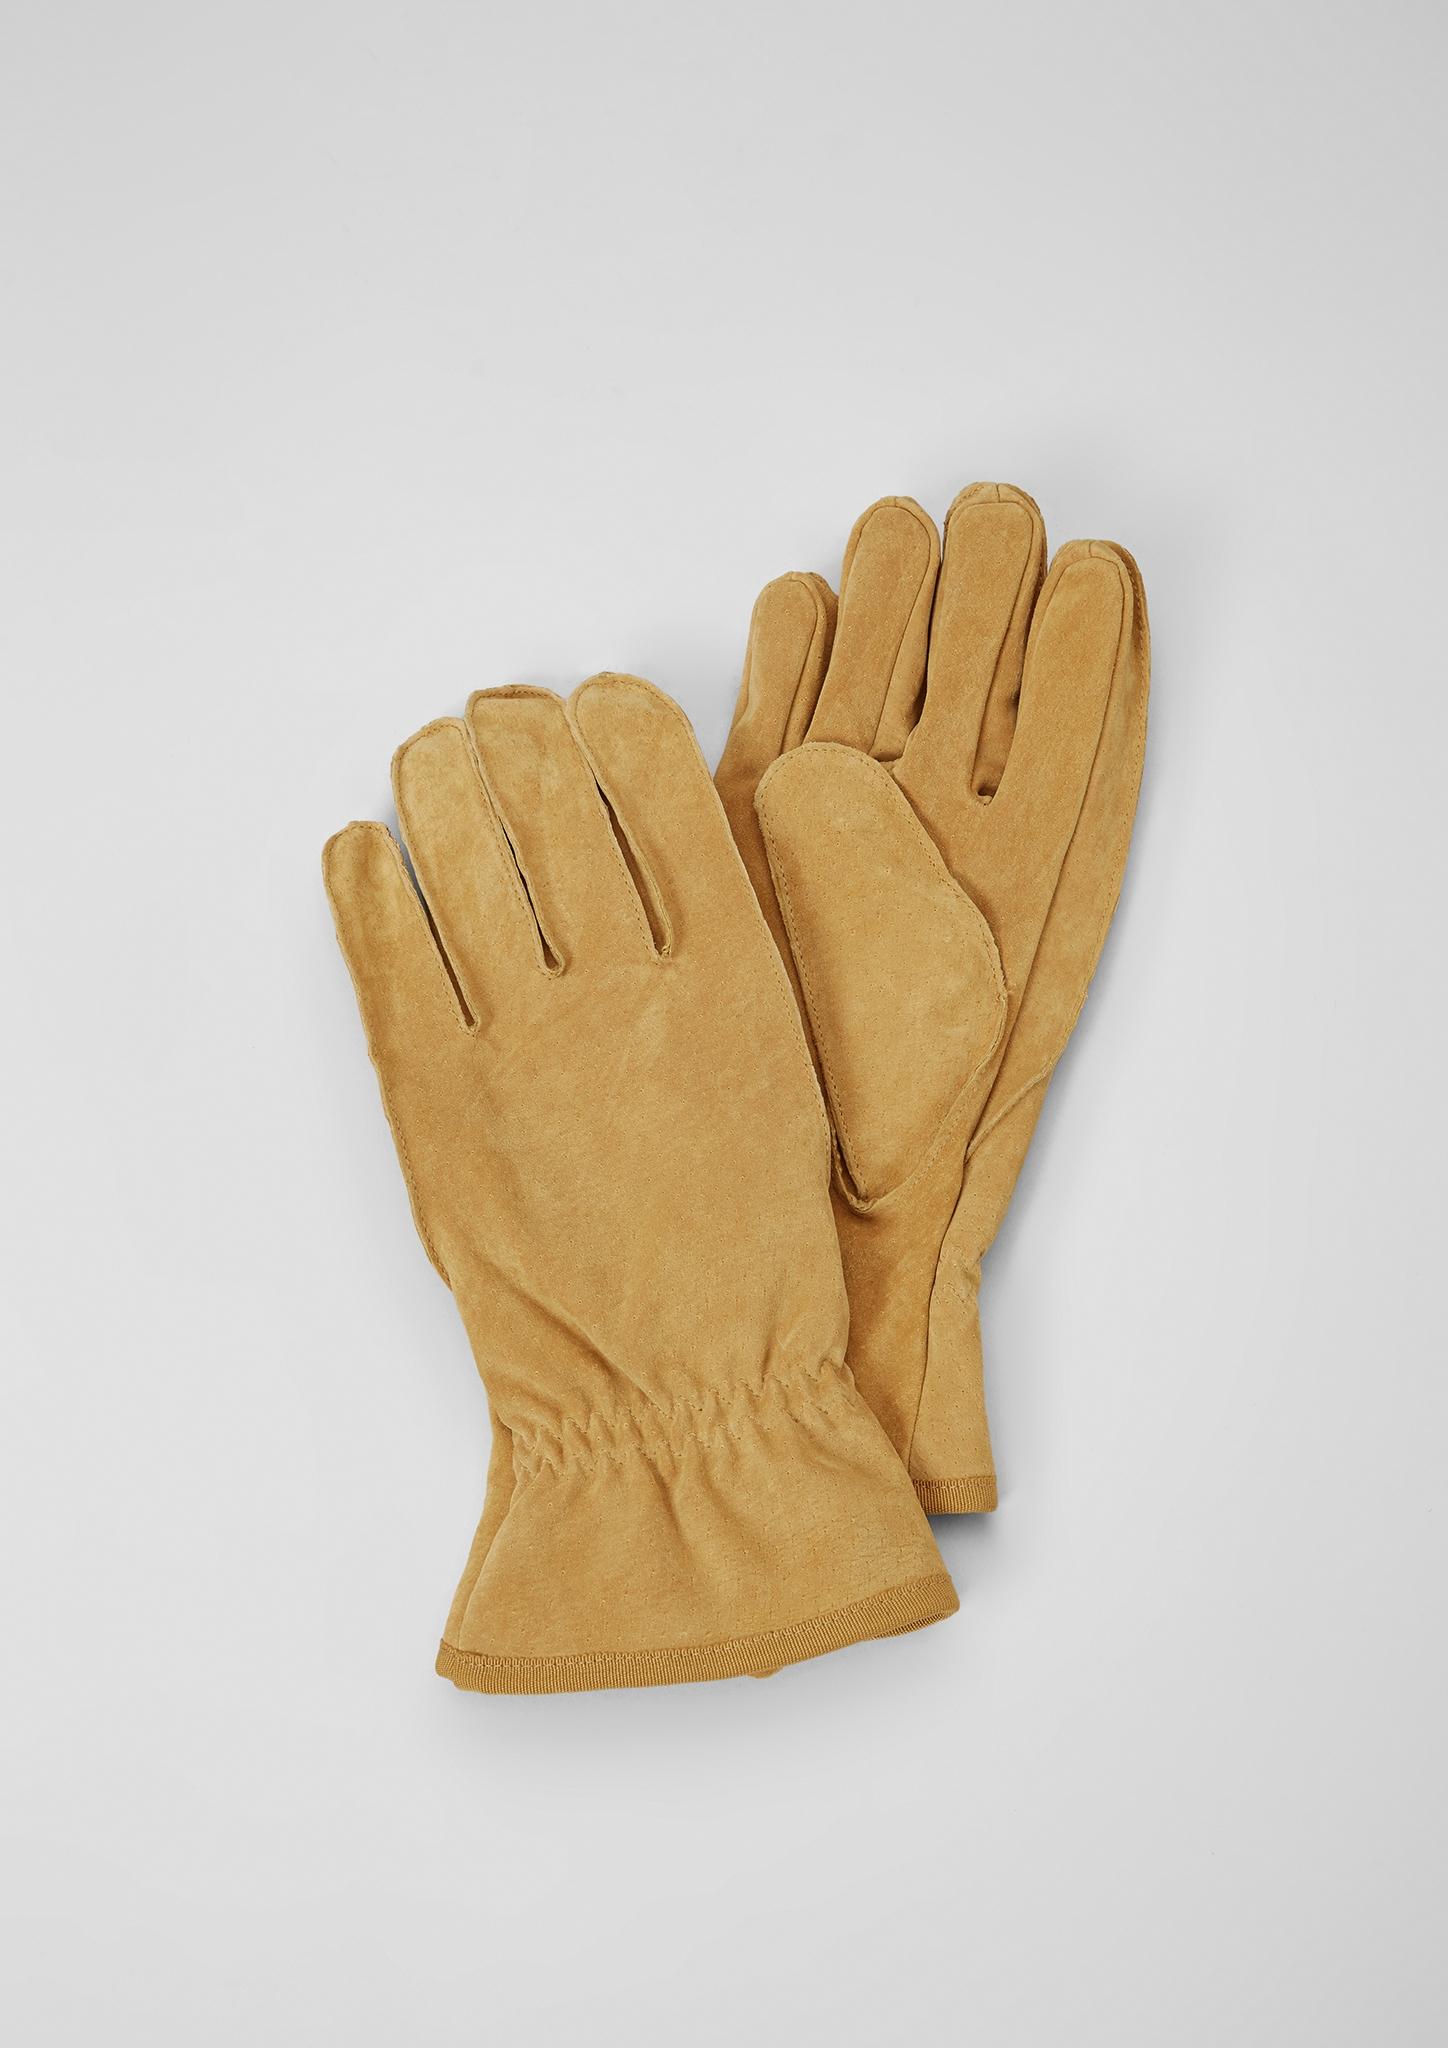 Lederhandschuhe | Accessoires > Handschuhe > Lederhandschuhe | Gelb | Oberstoff: 100% leder| futter: 100% polyester | s.Oliver